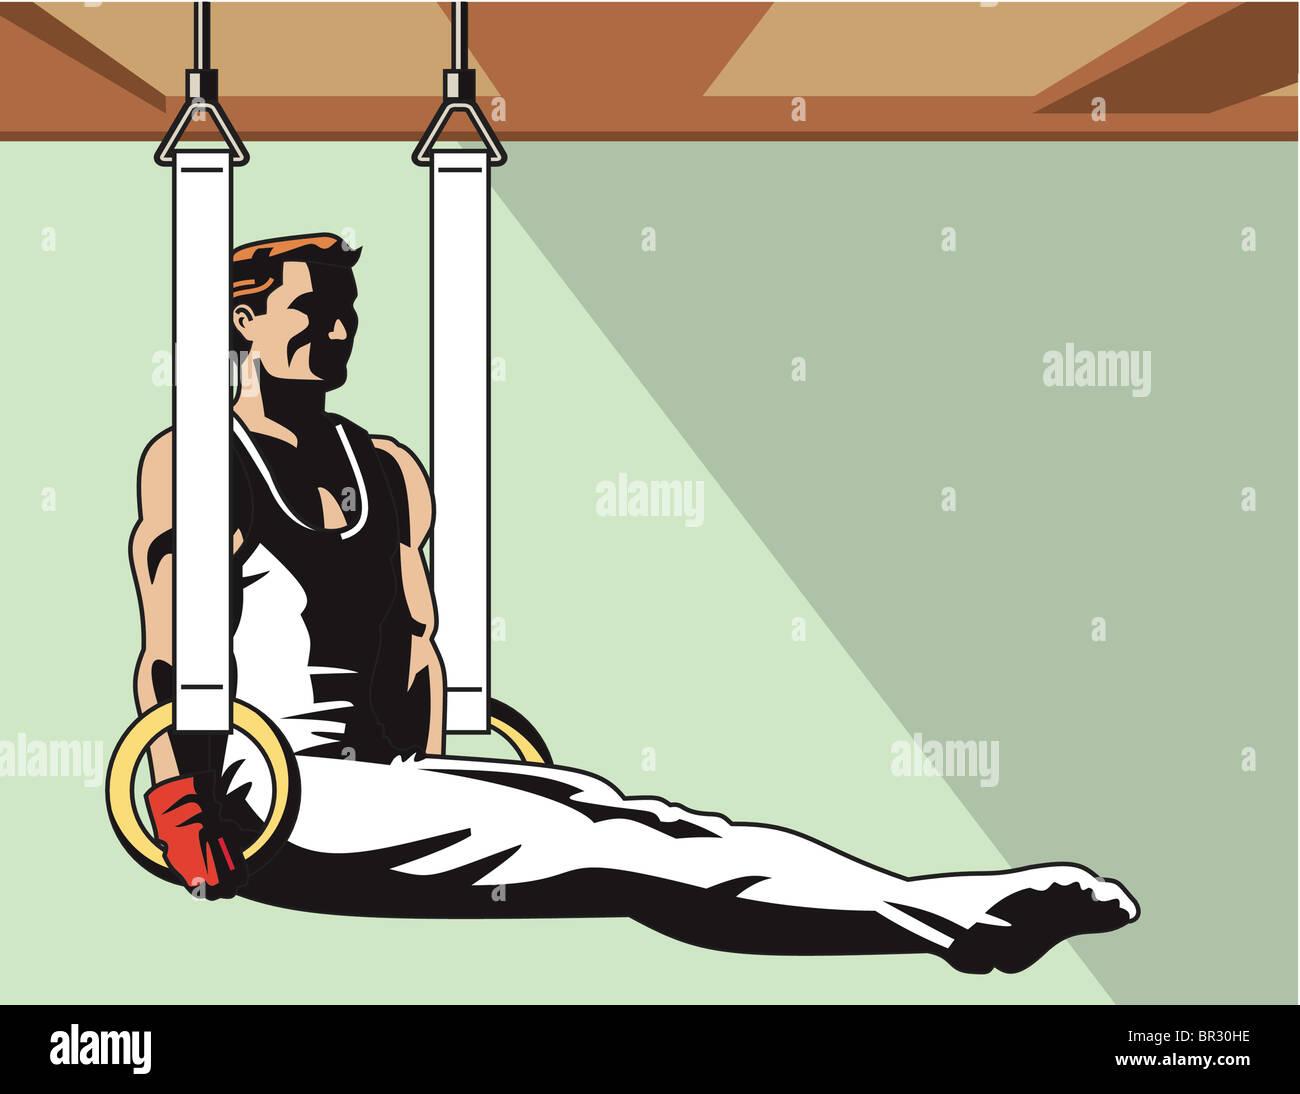 Un gimnasta balanceando aún resuena Imagen De Stock